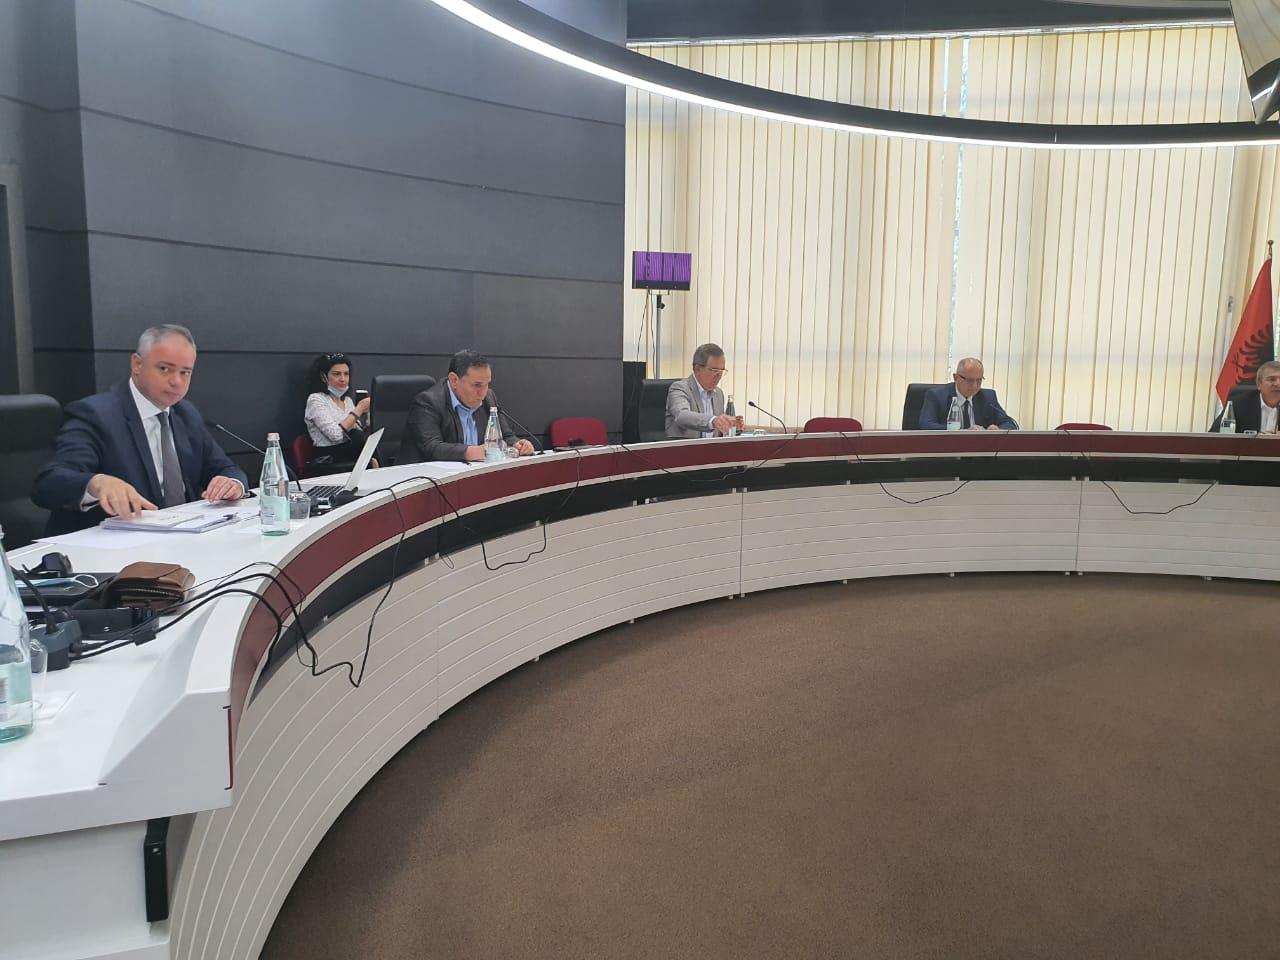 Rudina Hajdari i braktisi, çfarë po diskutohet në mbledhjen e Këshillit Politik